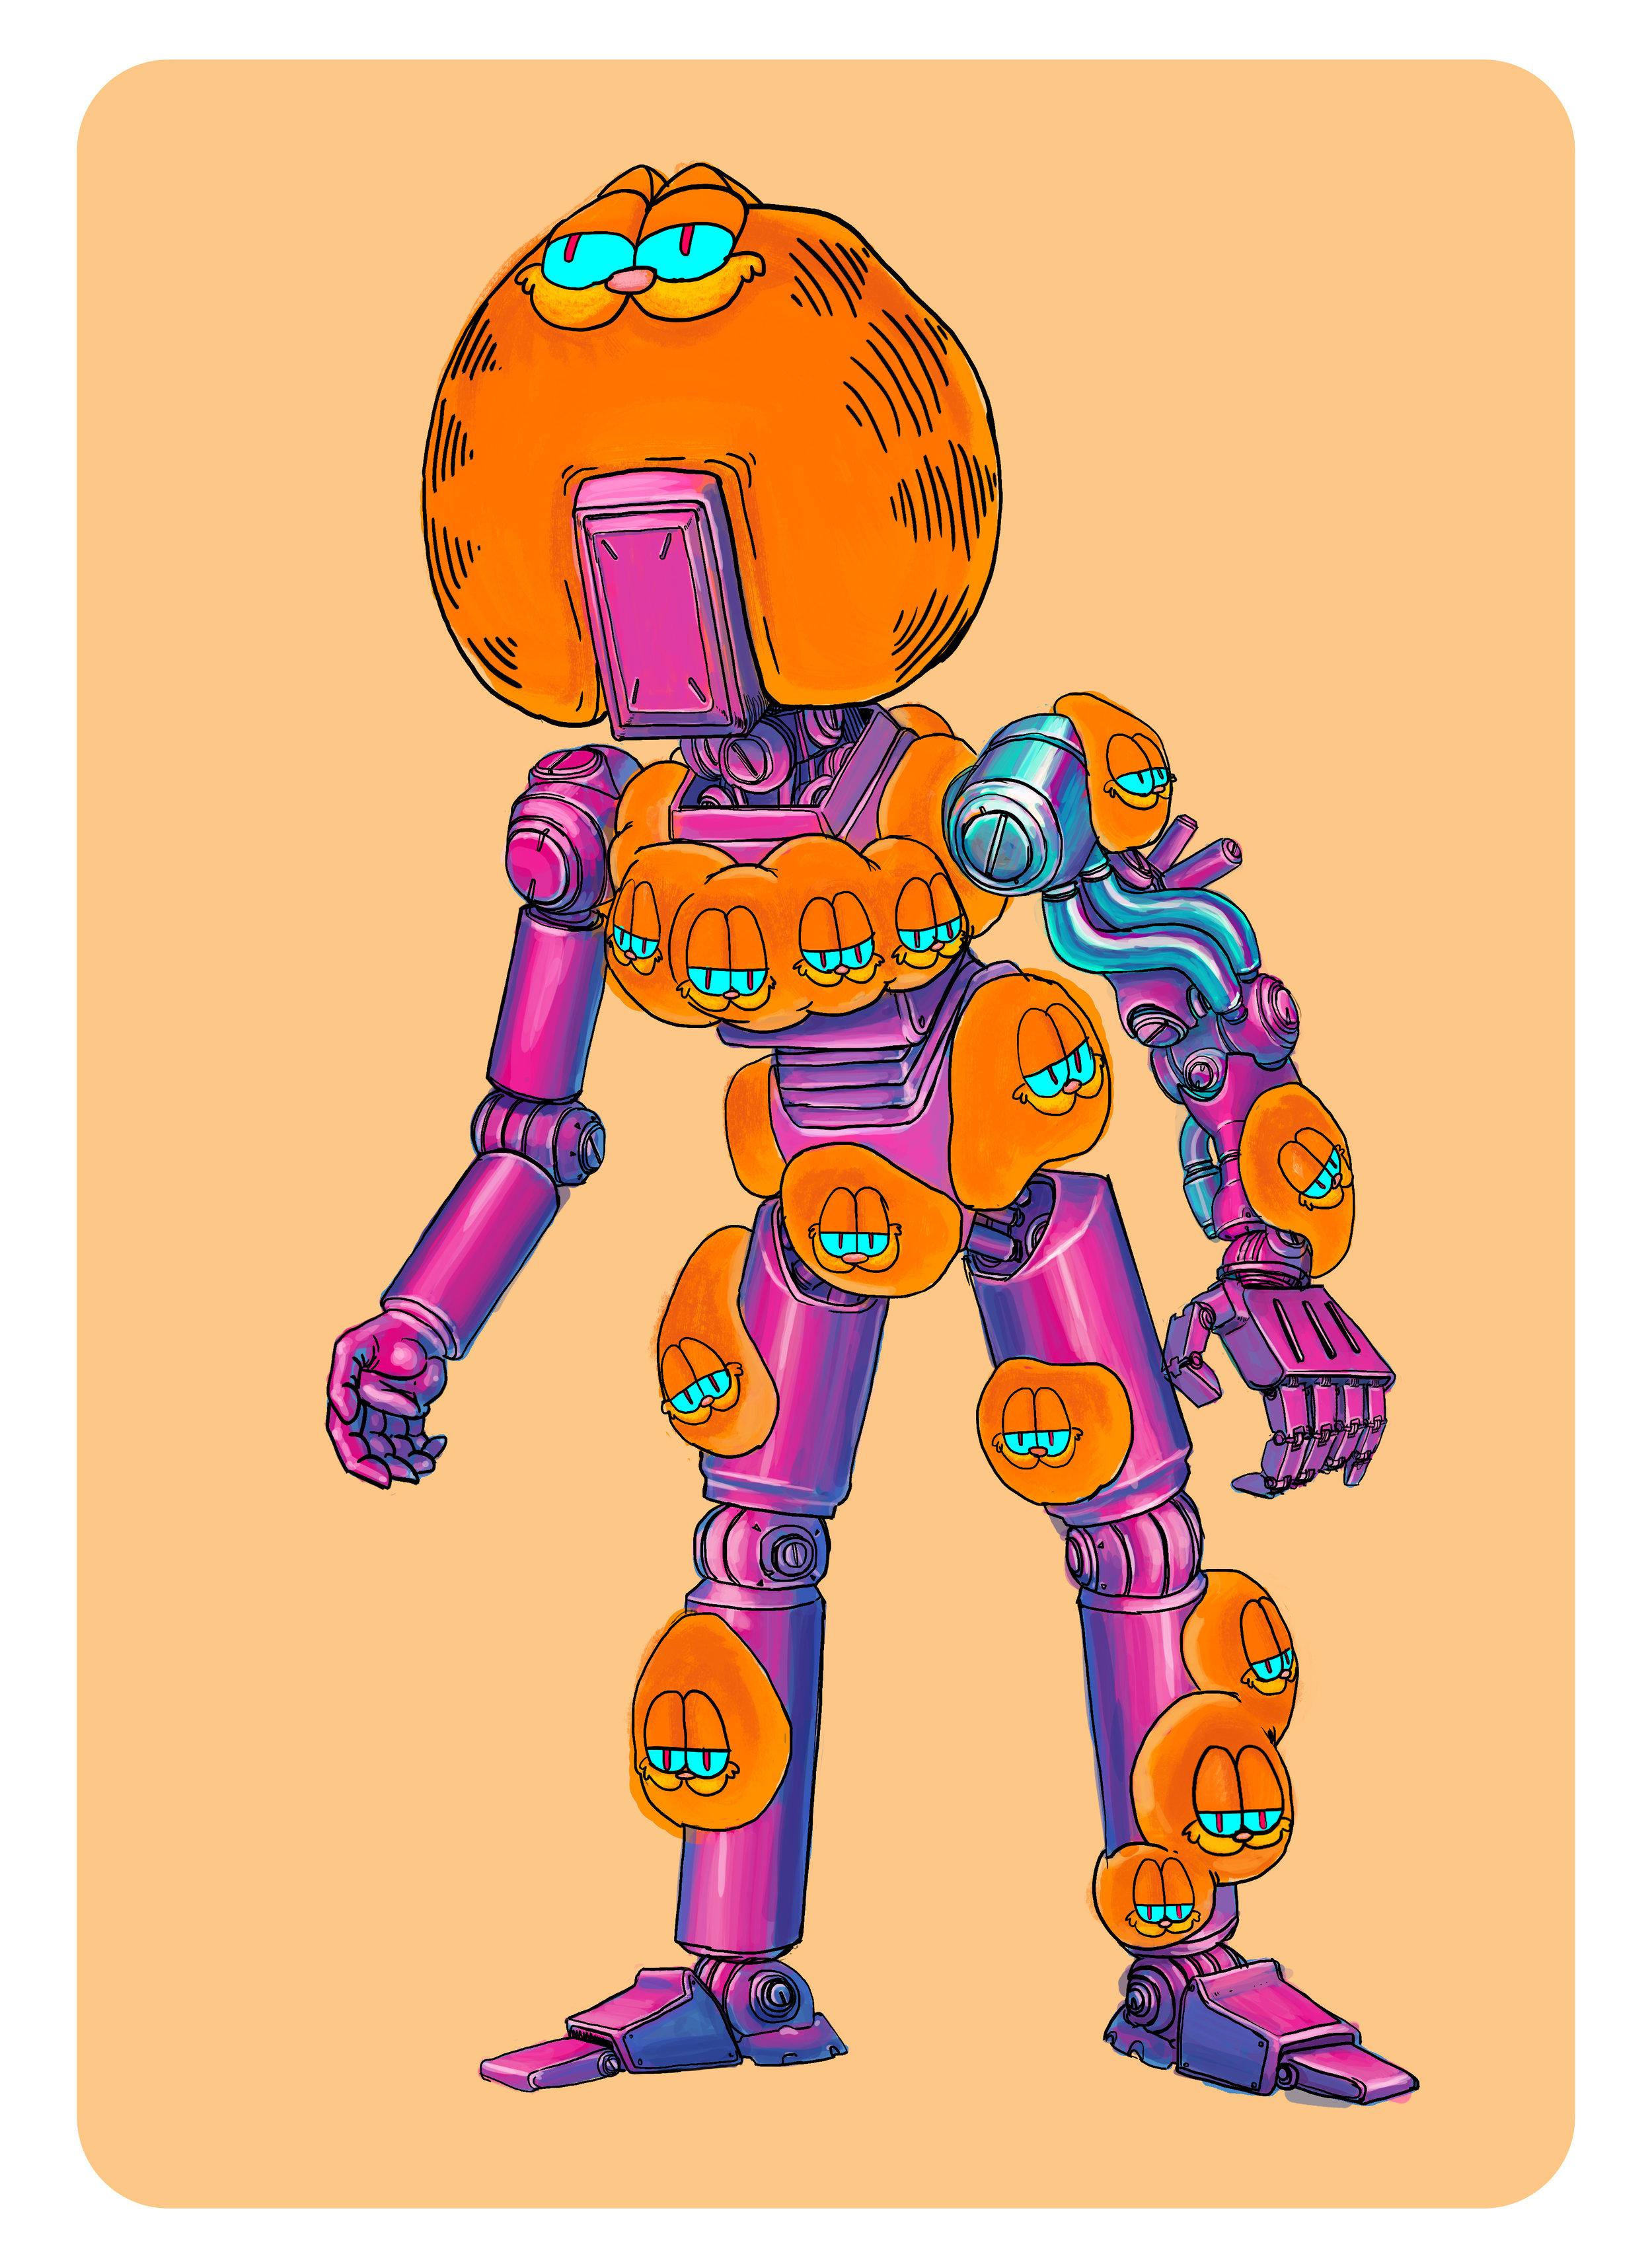 Garfield Virus Infected Bot_1.jpg